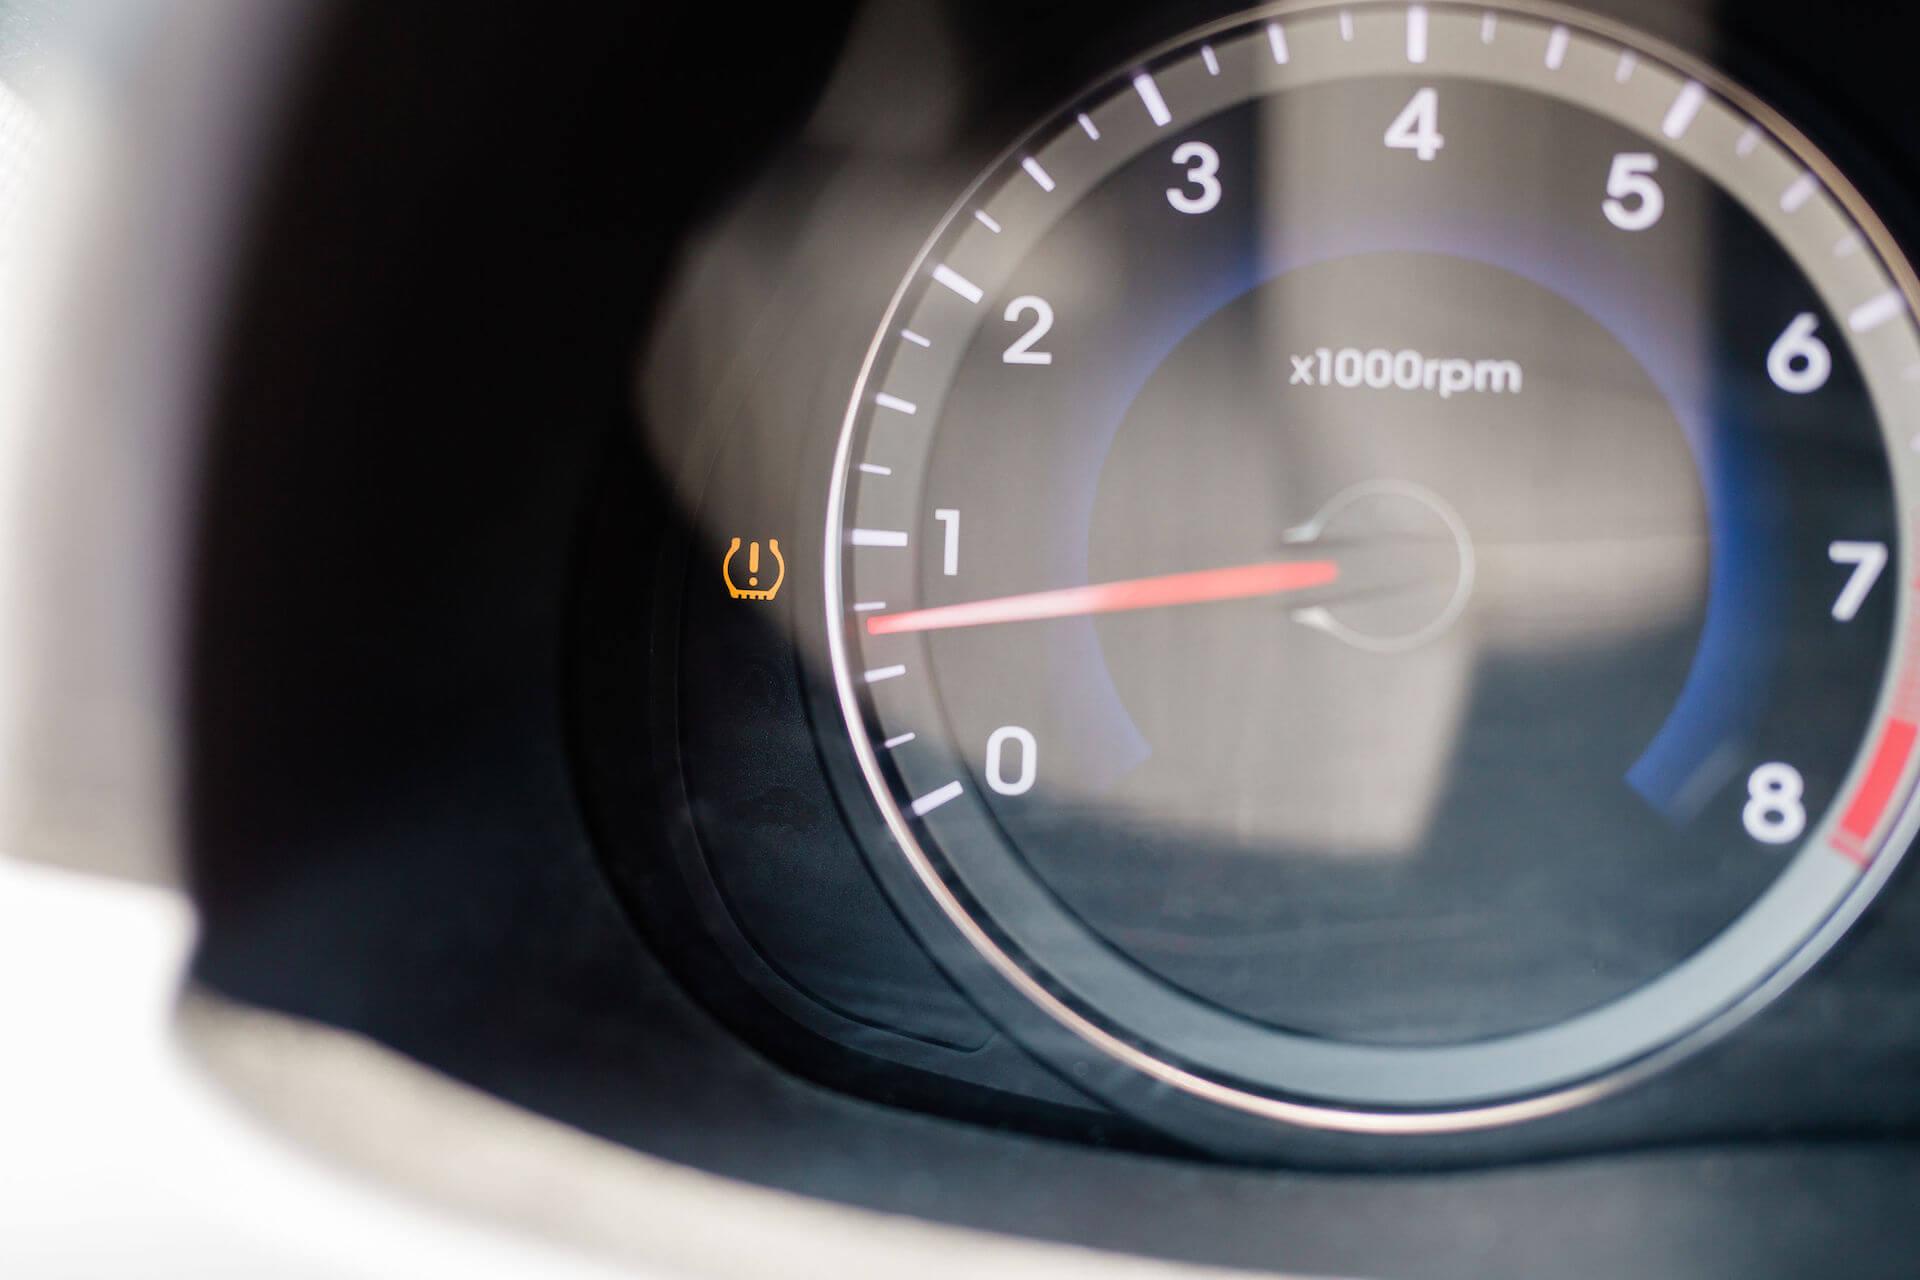 Don't ignore the tire pressure monitor light